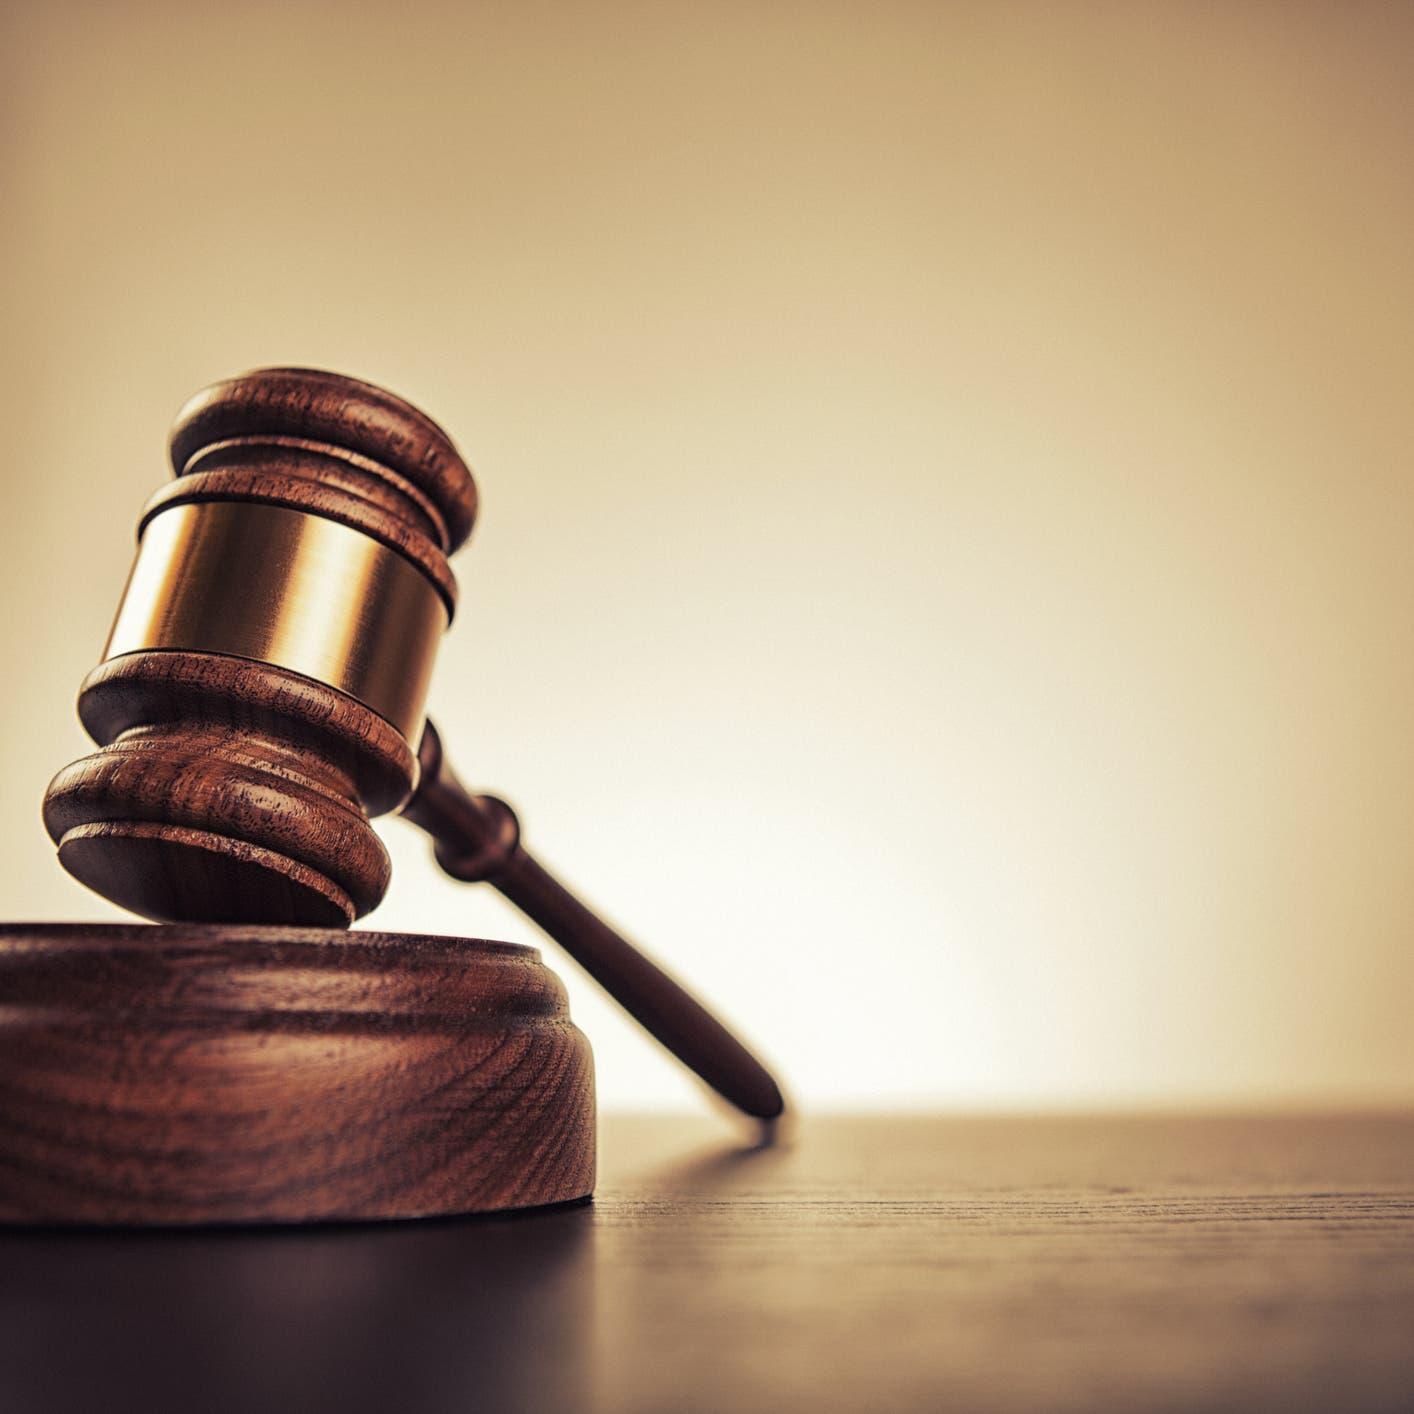 قانون التواصل التركي.. تهديد بطعن داخل المحكمة